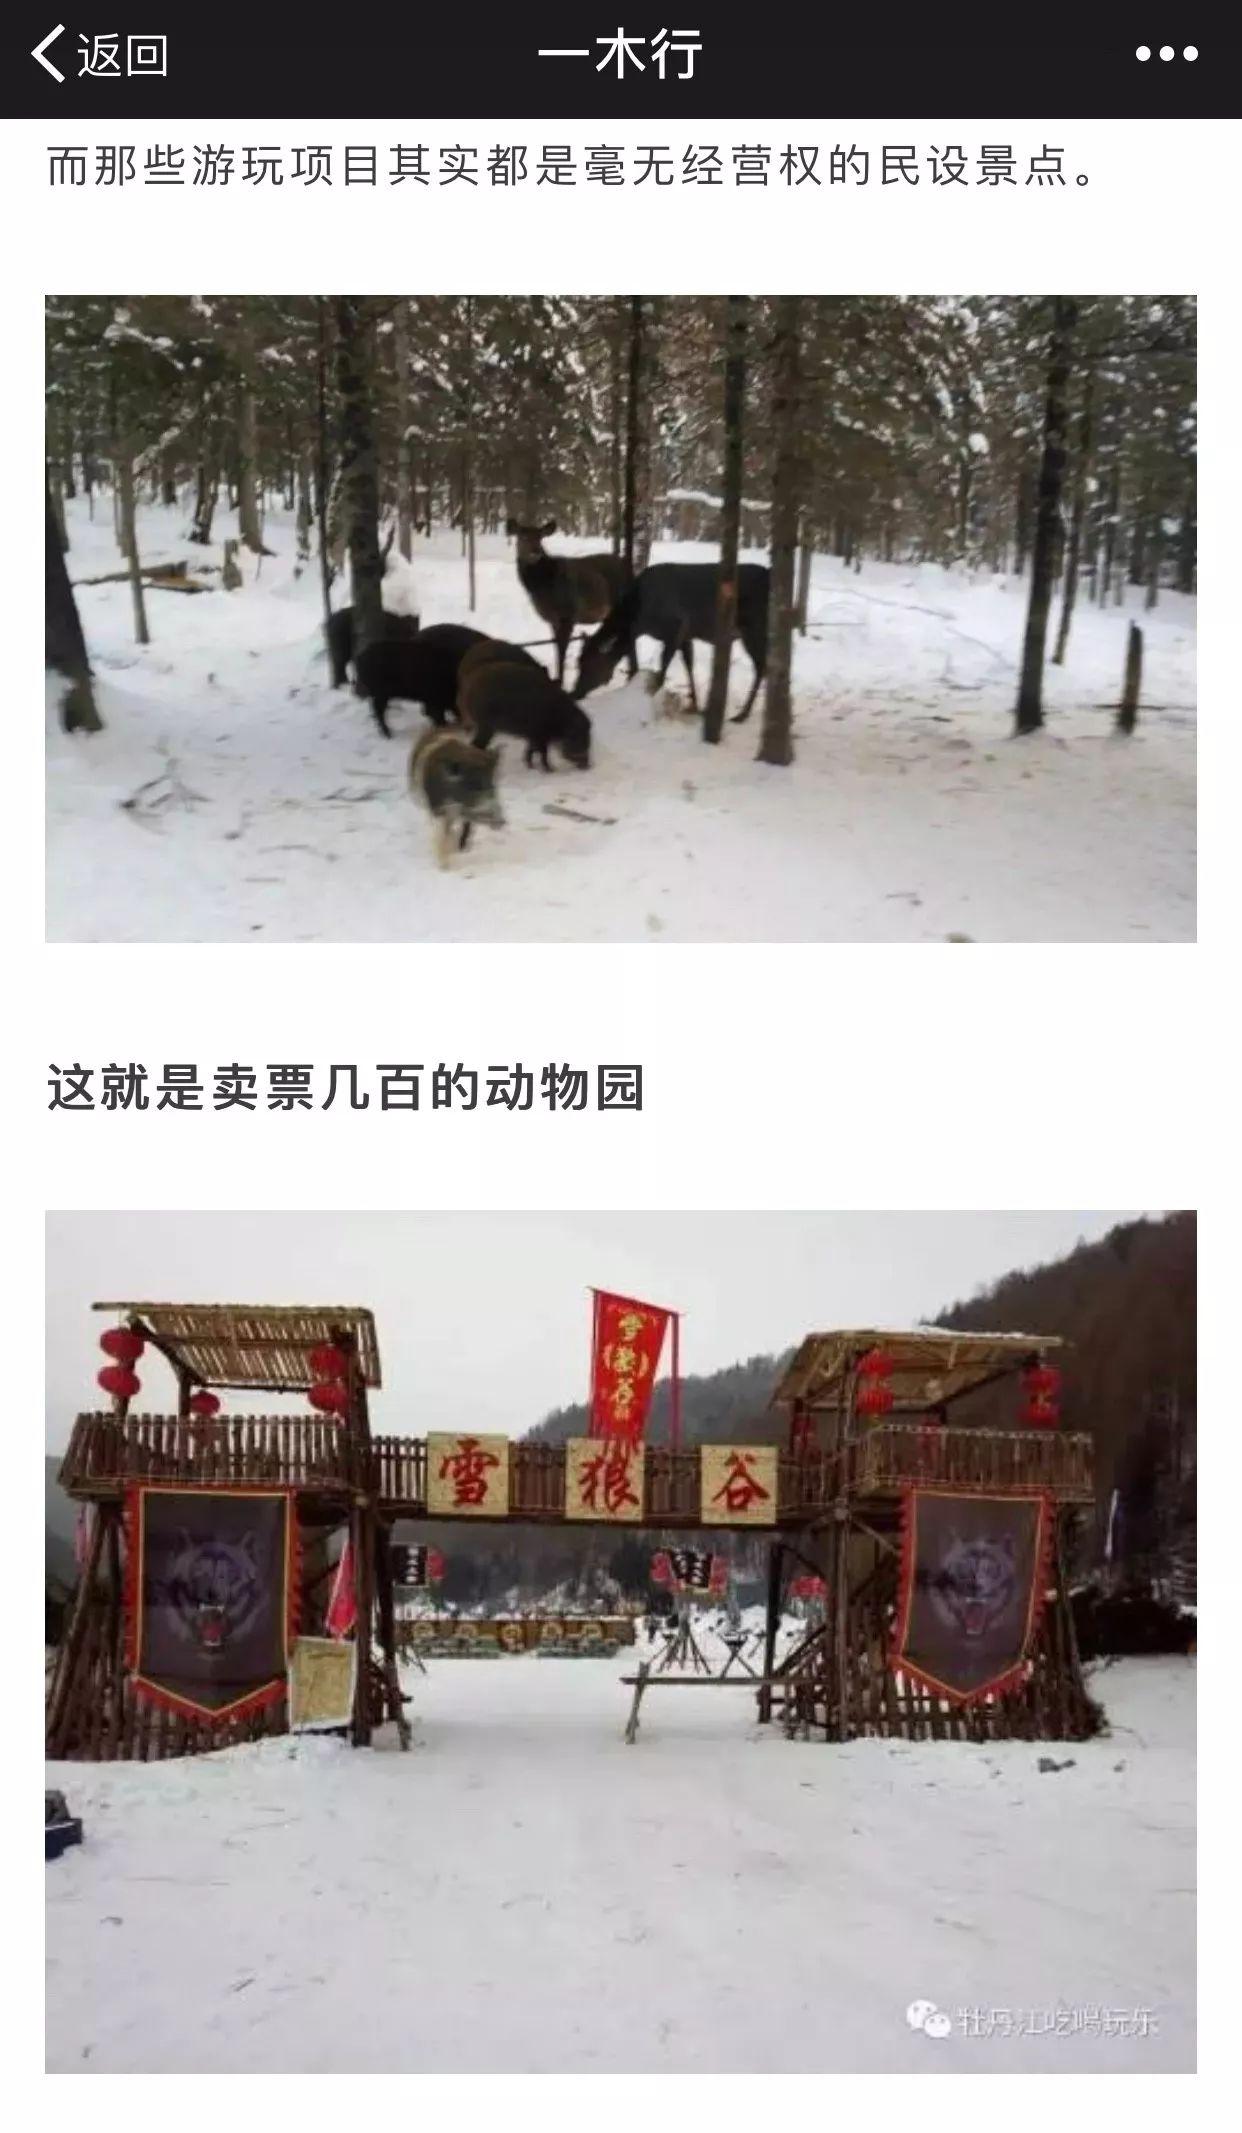 去雪乡赏雪却被坑到怀疑人生!黑龙江回应宰客